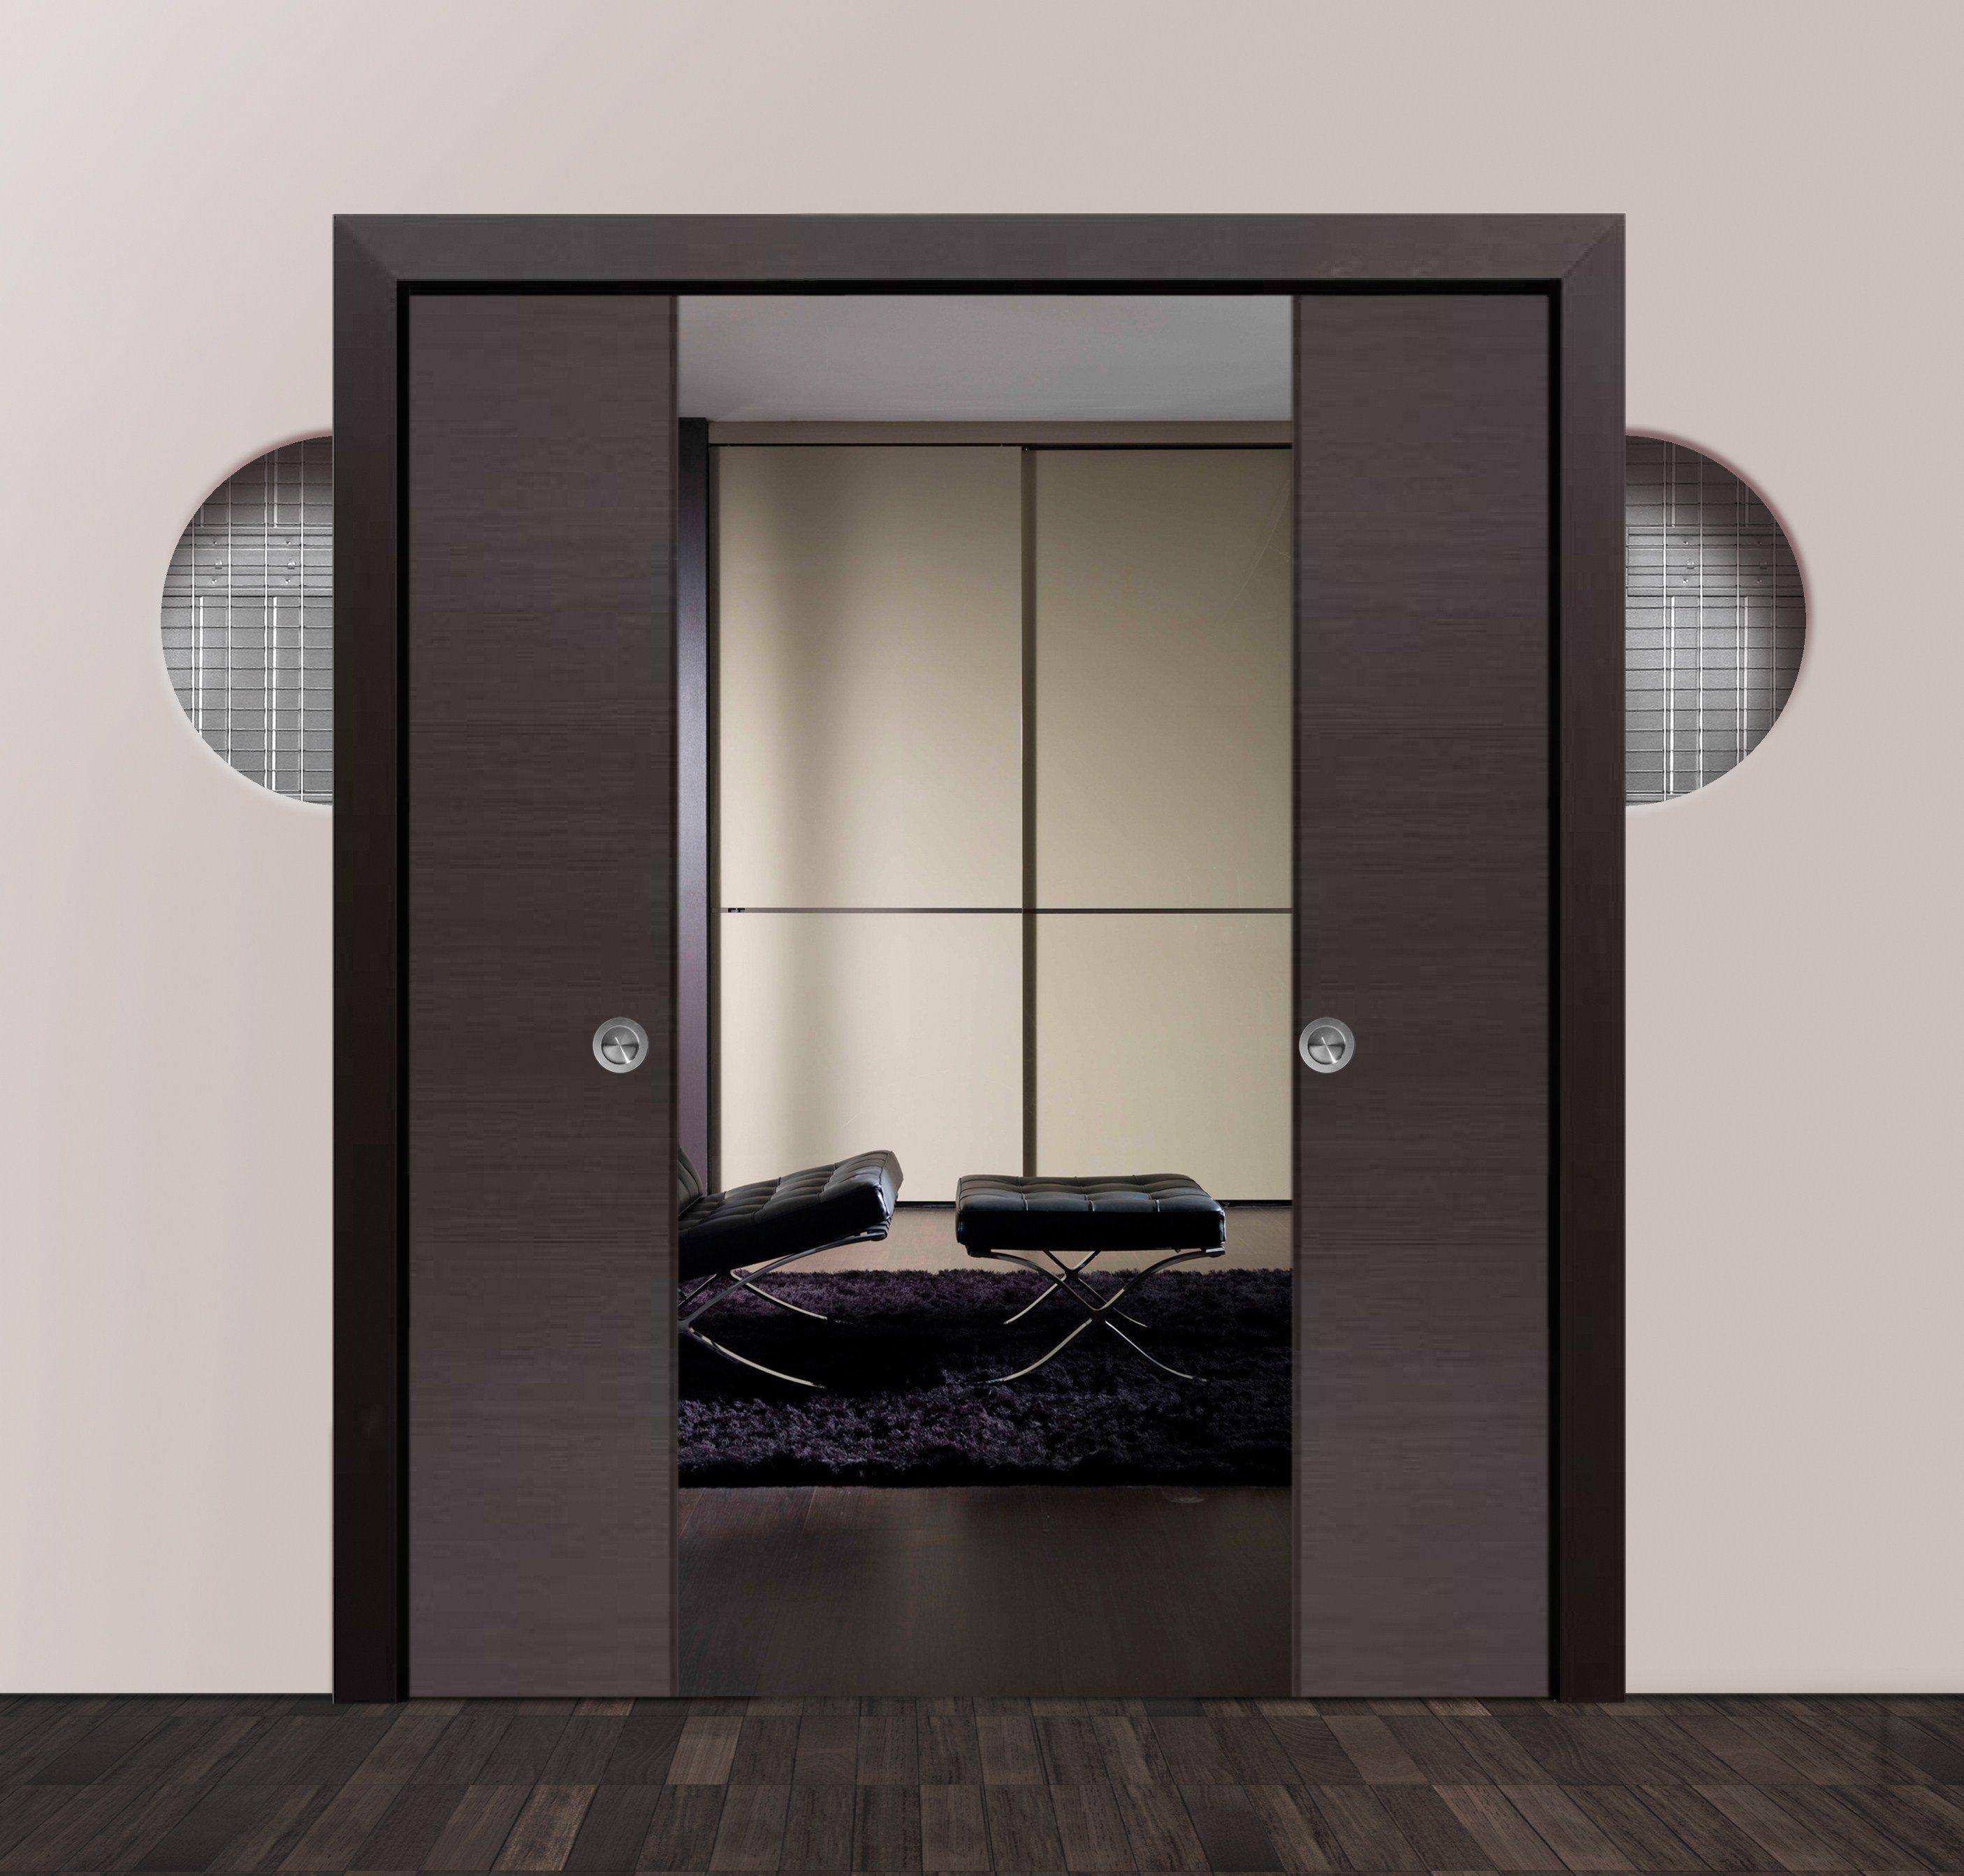 Porte scorrevoli come scegliere le migliori per la casa - Porte da interno ...